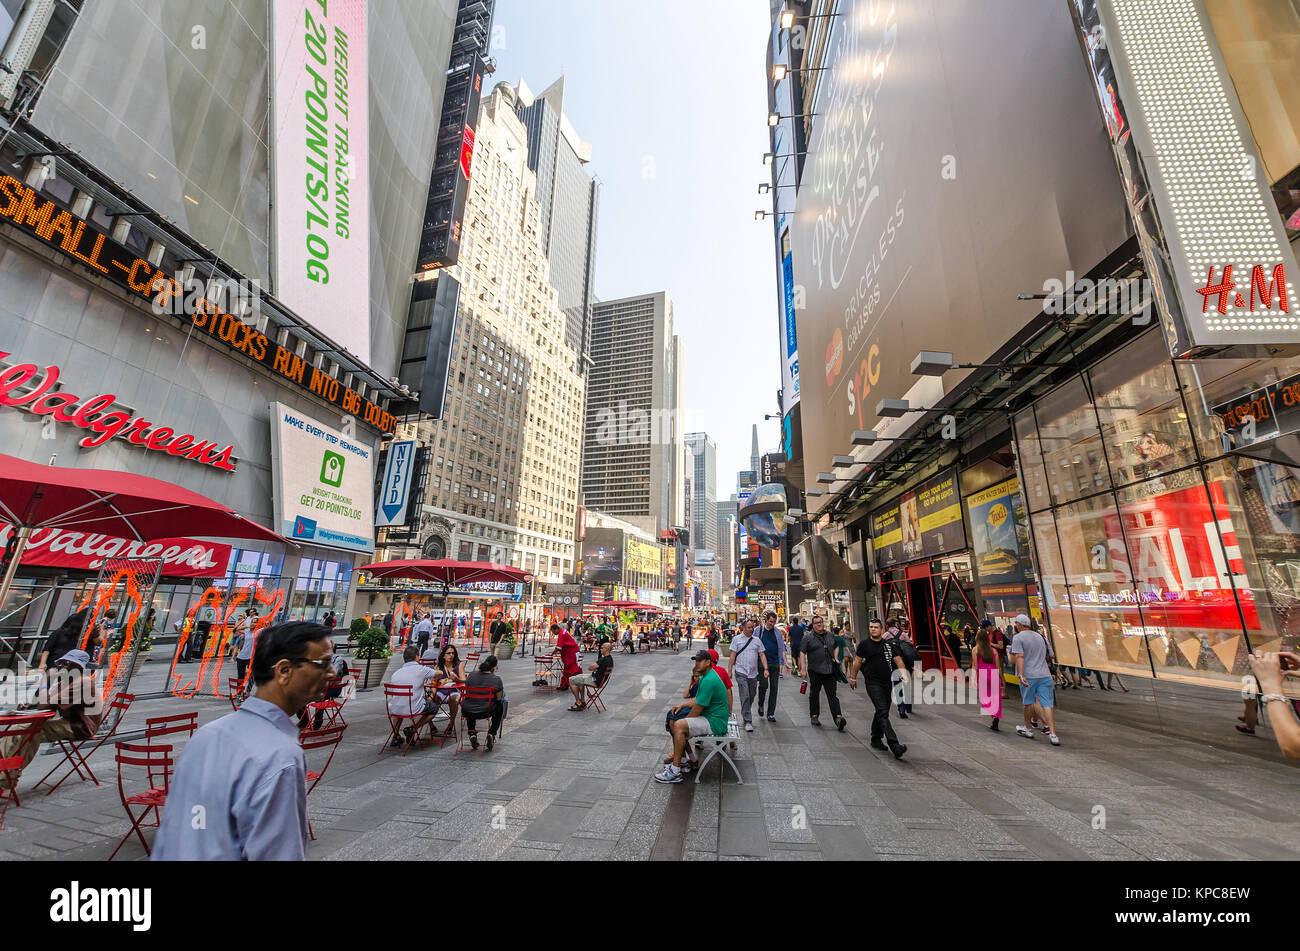 NEW YORK CITY - 22 Luglio: vicinanza della installazione di Arles Del Rio in Times Square sulla luglio 22, 2014 Immagini Stock